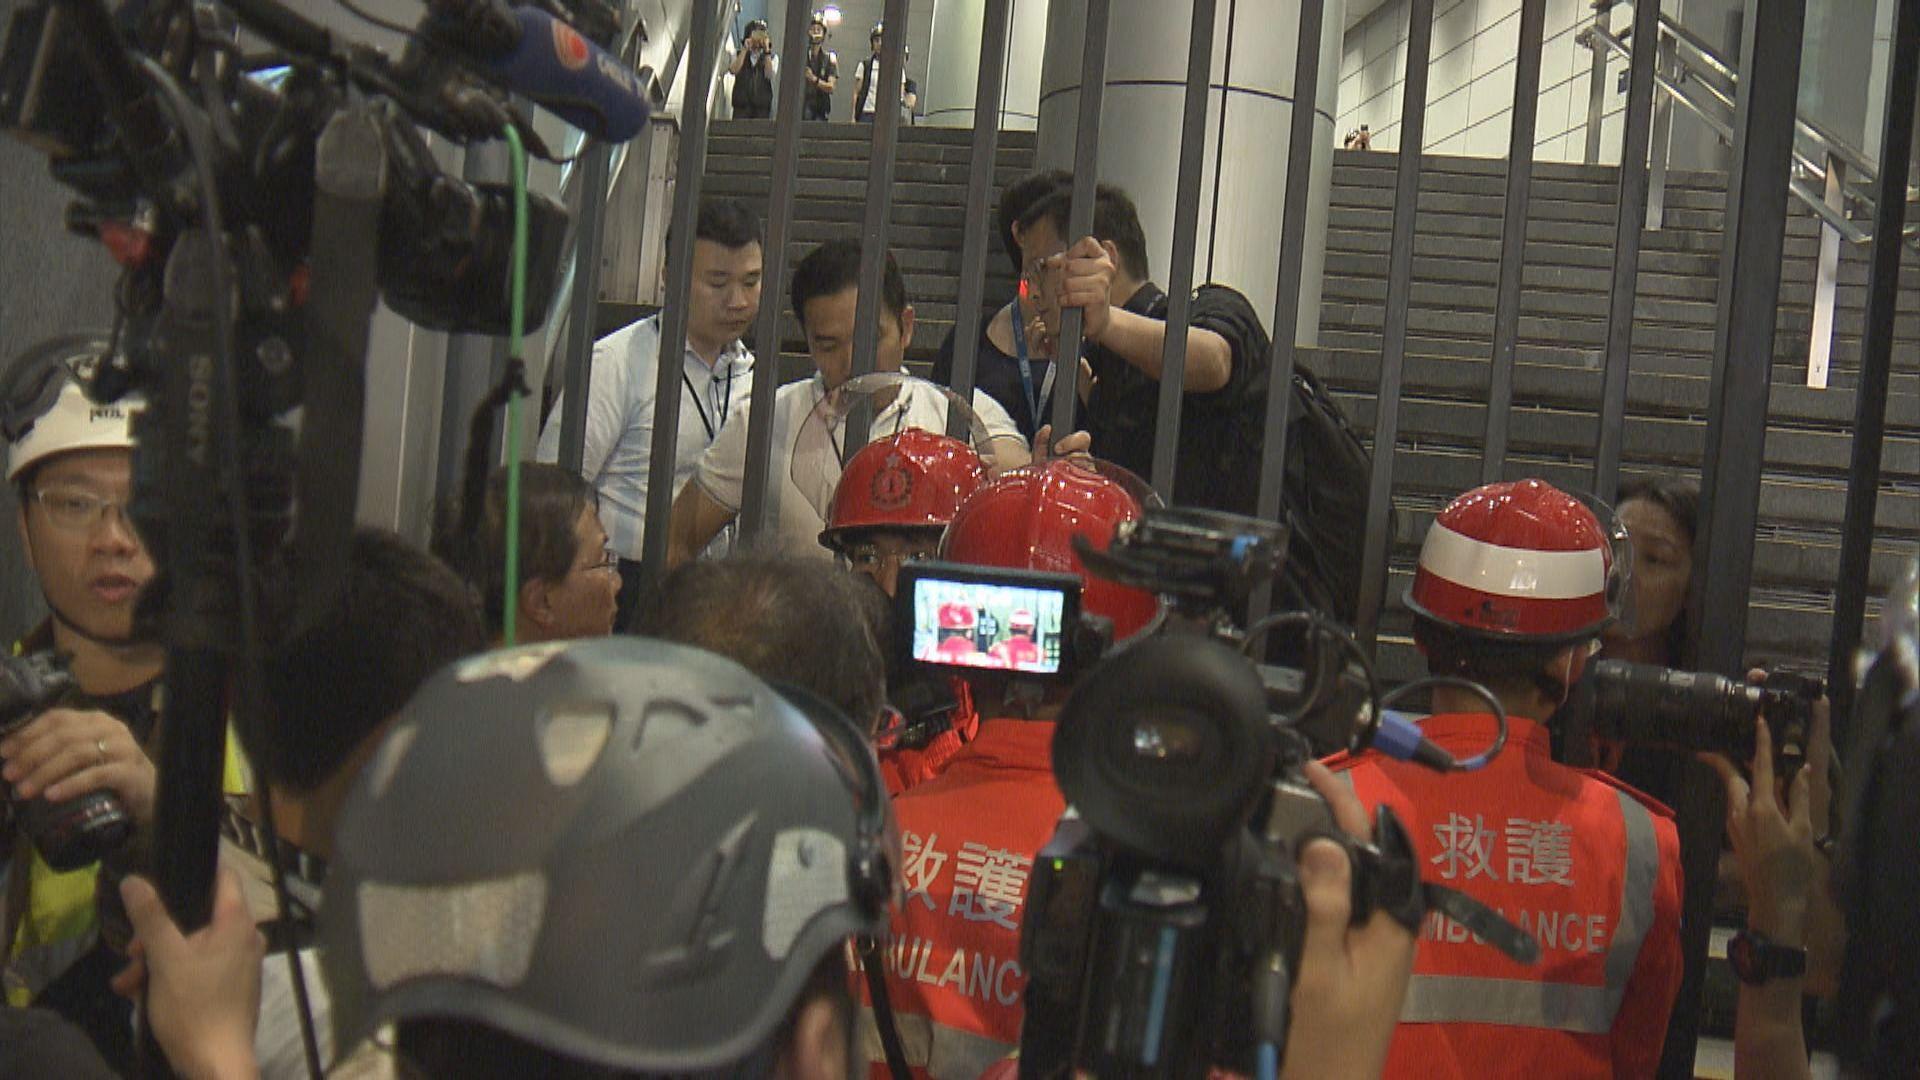 示威者包圍警總 本台發現多個原因致救護延誤